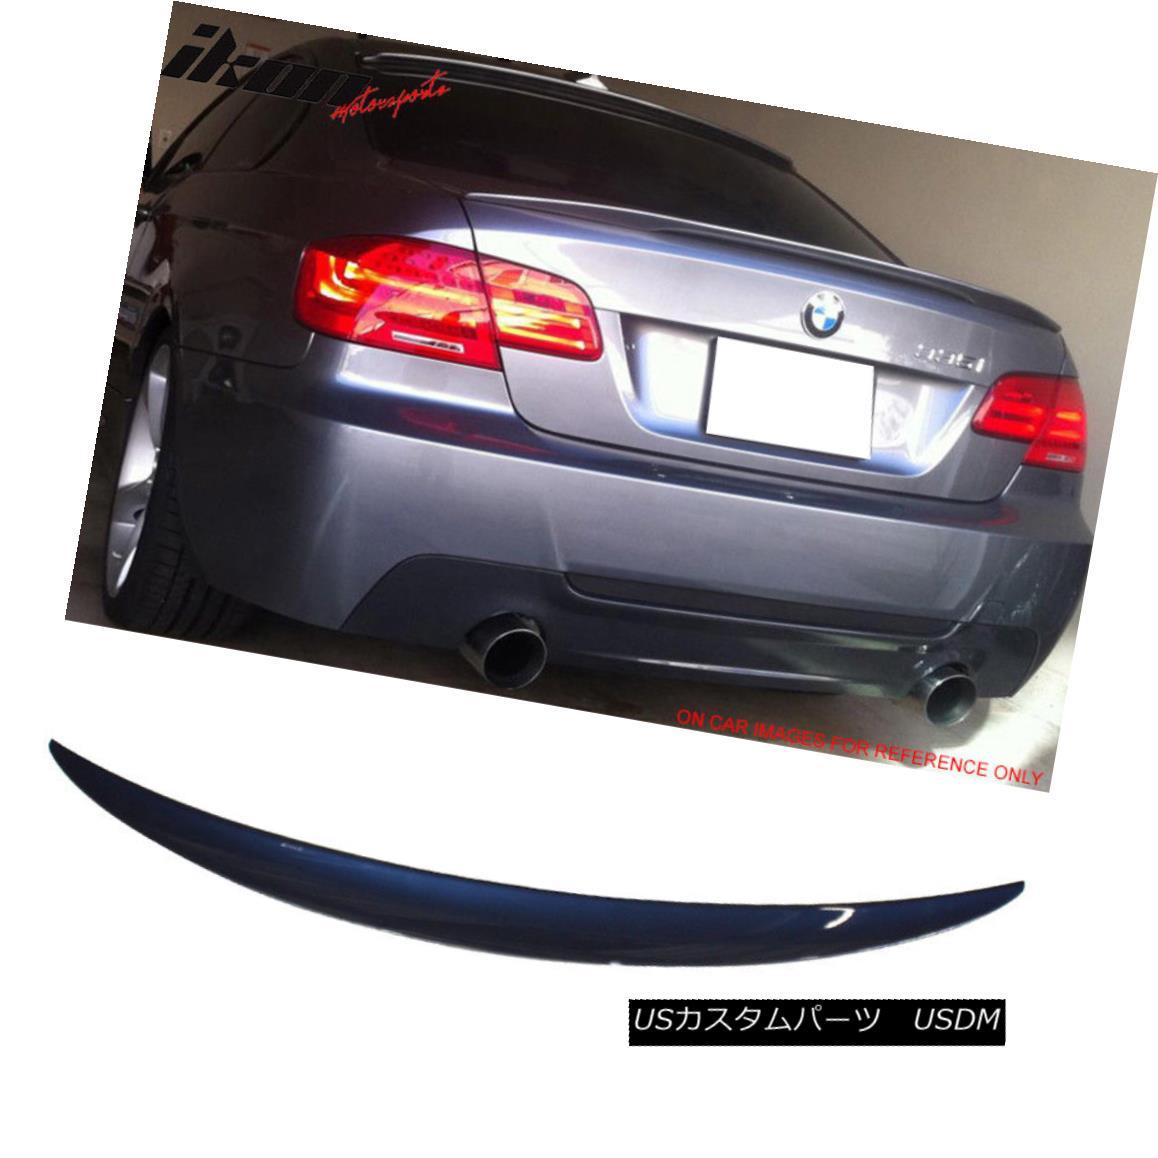 エアロパーツ Fits 07-13 E93 Performance Trunk Spoiler Painted #A76 Deep Sea Blue Metallic フィット07-13 E93パフォーマンストランク・スポイラー#A76ディープ・シー・ブルー・メタリック